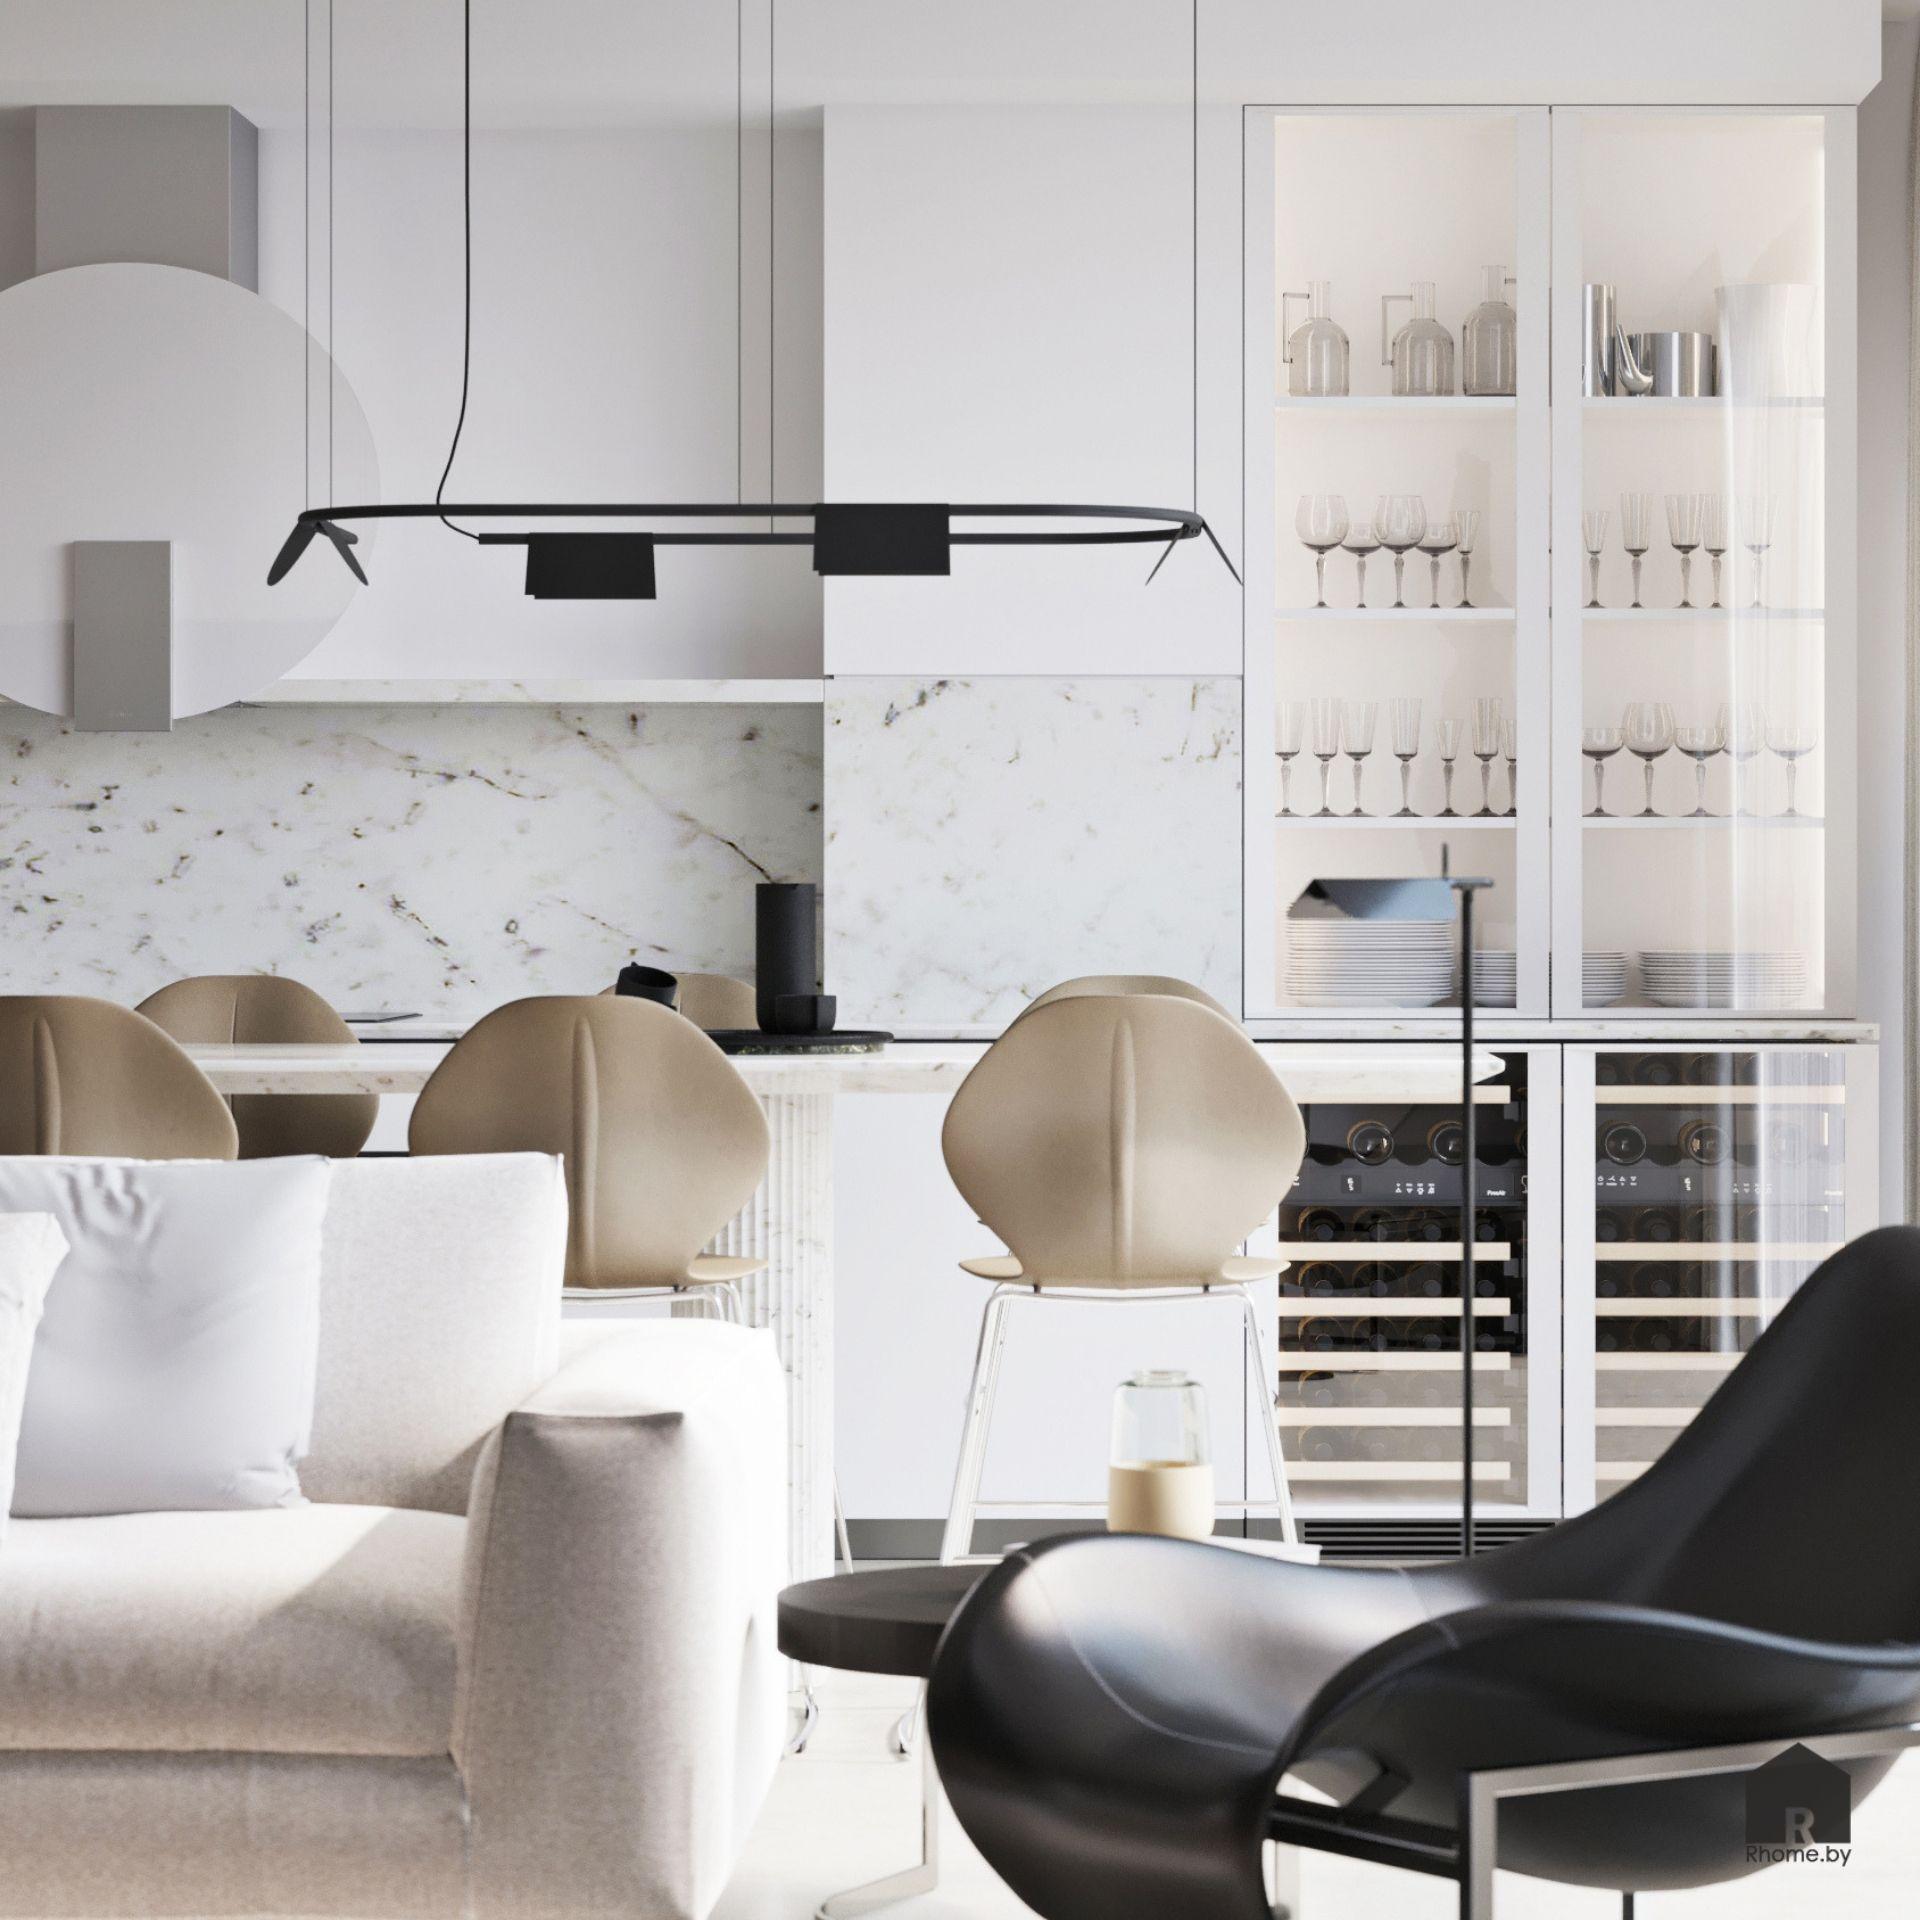 Светлая гостиная объединенная с кухней, стол-остров, бежевые стулья